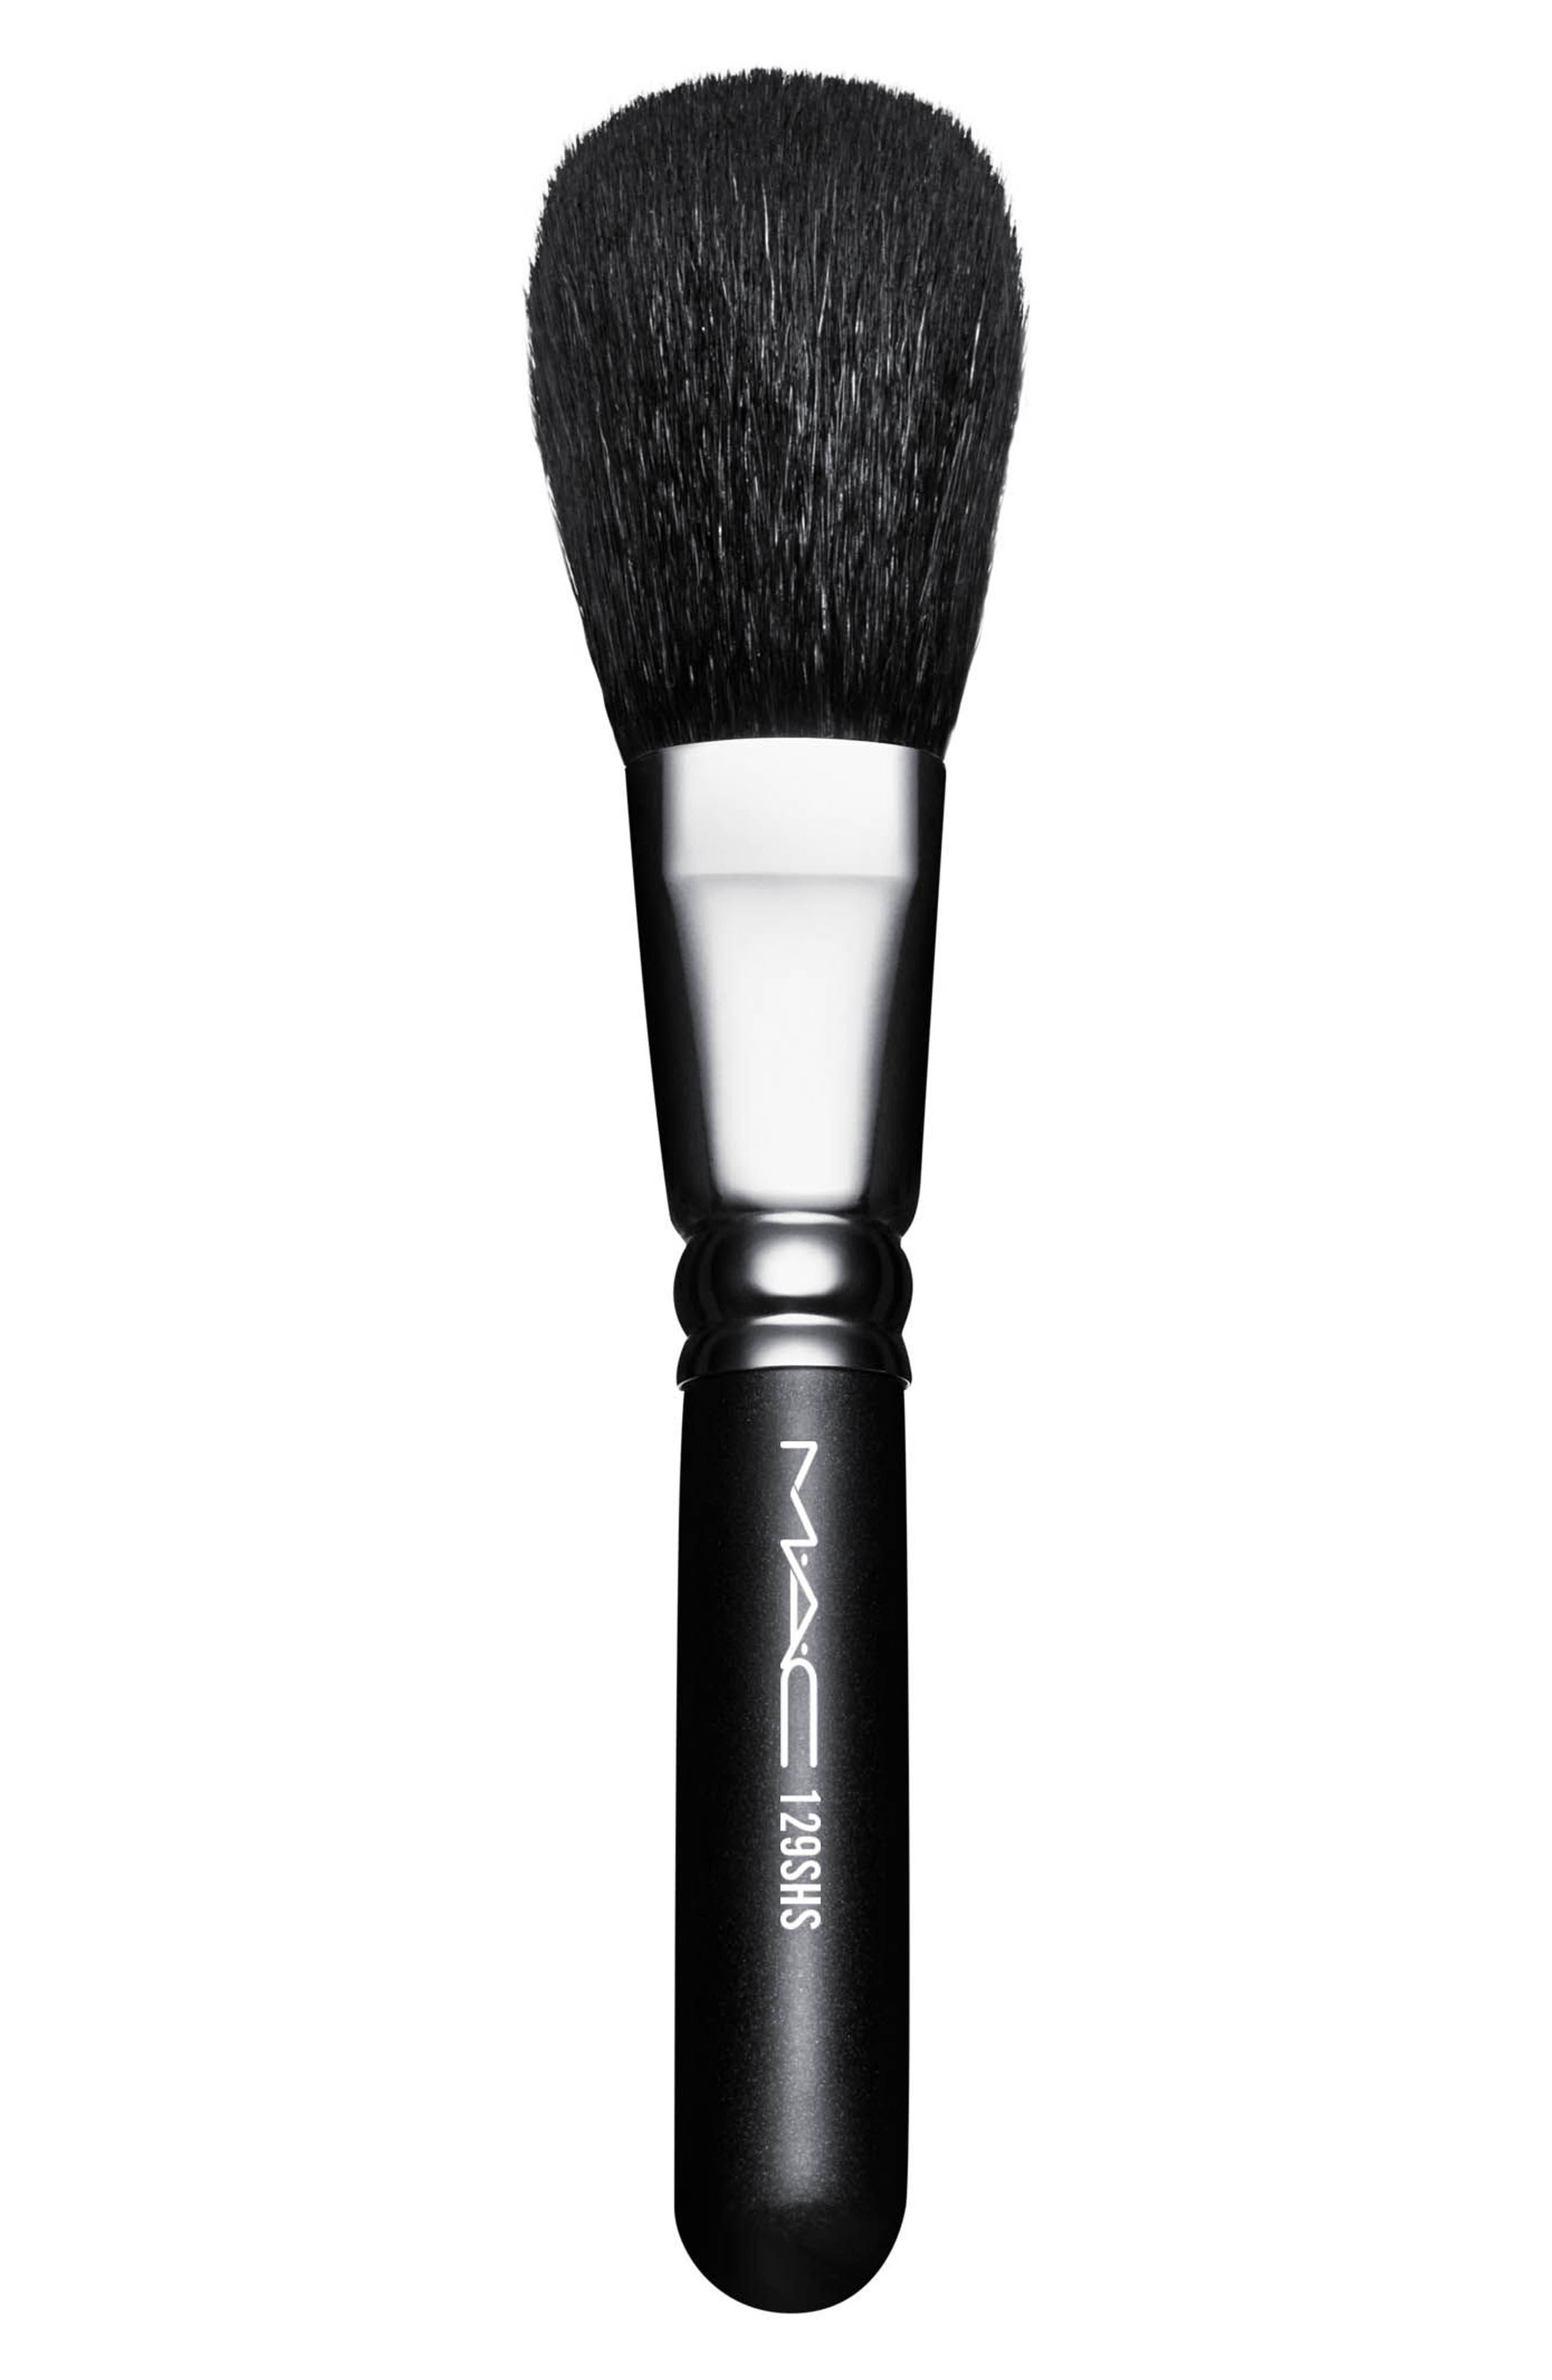 MAC 129SHS Synthetic Powder/Blush Brush,                             Main thumbnail 1, color,                             No Color